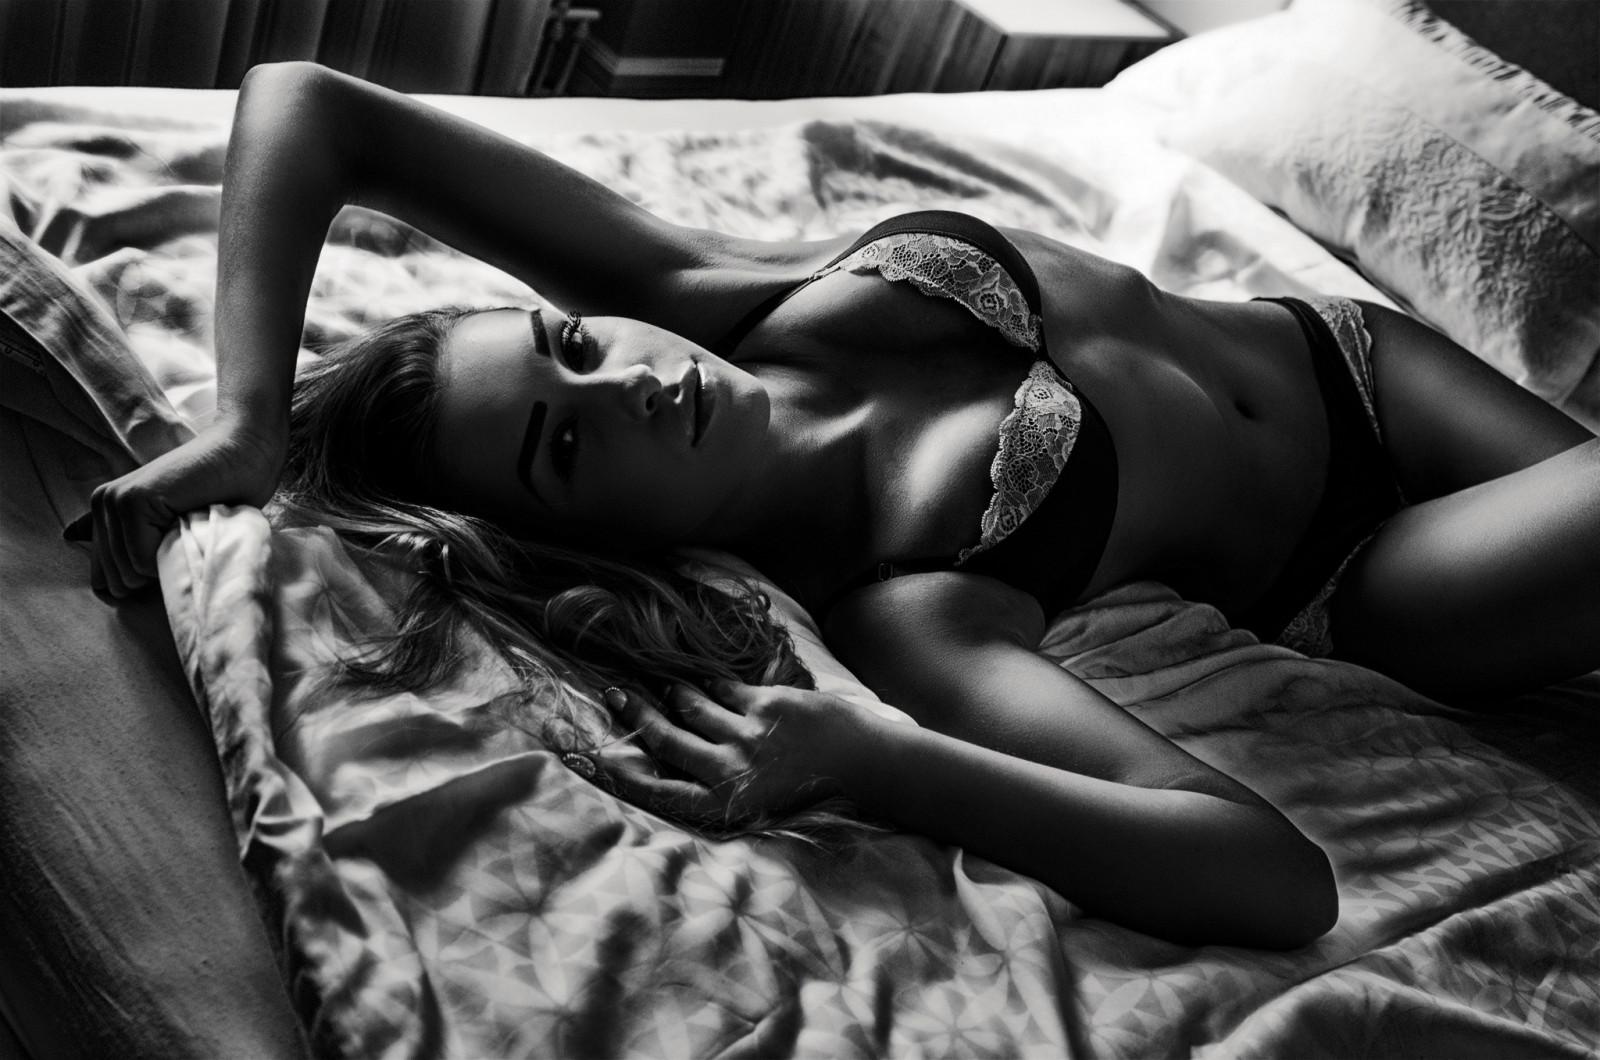 Красивые изгибы женского тела в постелекартинки — img 11